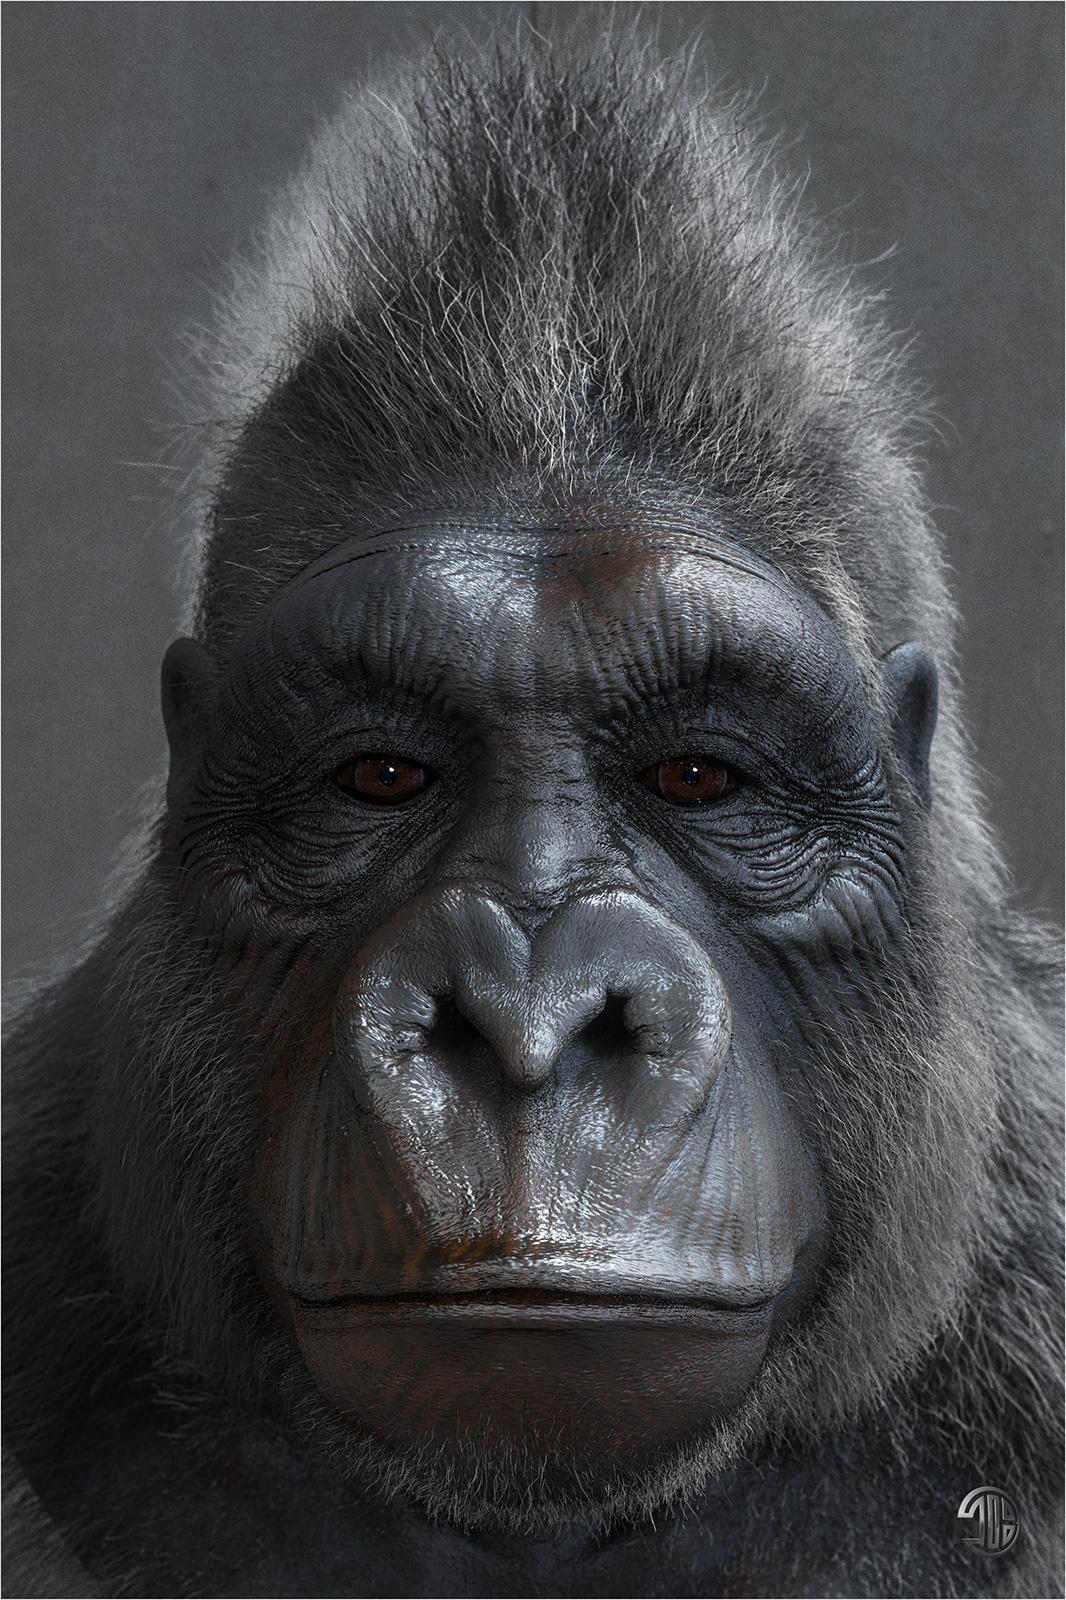 hight resolution of titiber13 gorilla by titi 02 w 1 0abbb8b7 j30t